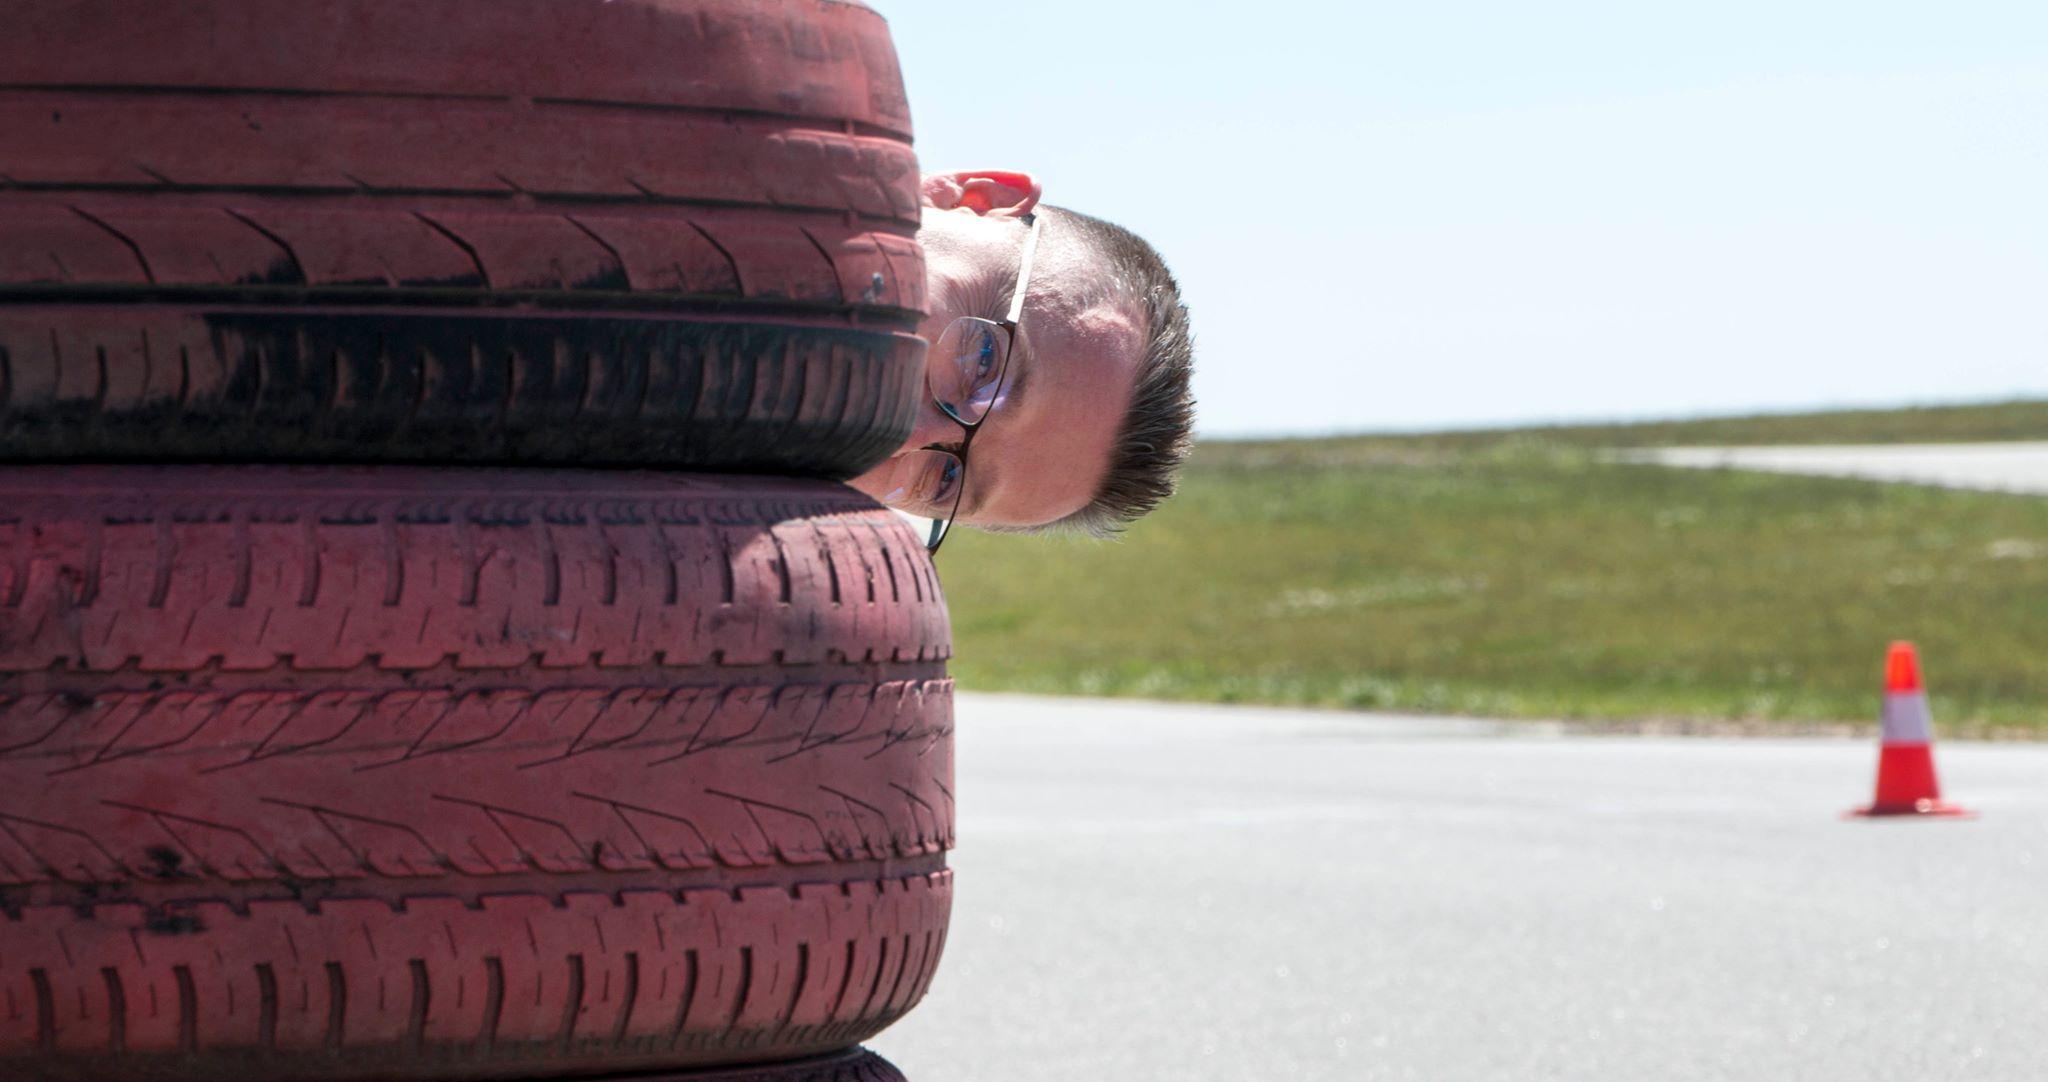 szkolenie bezpiecznej jazdy i konkurs